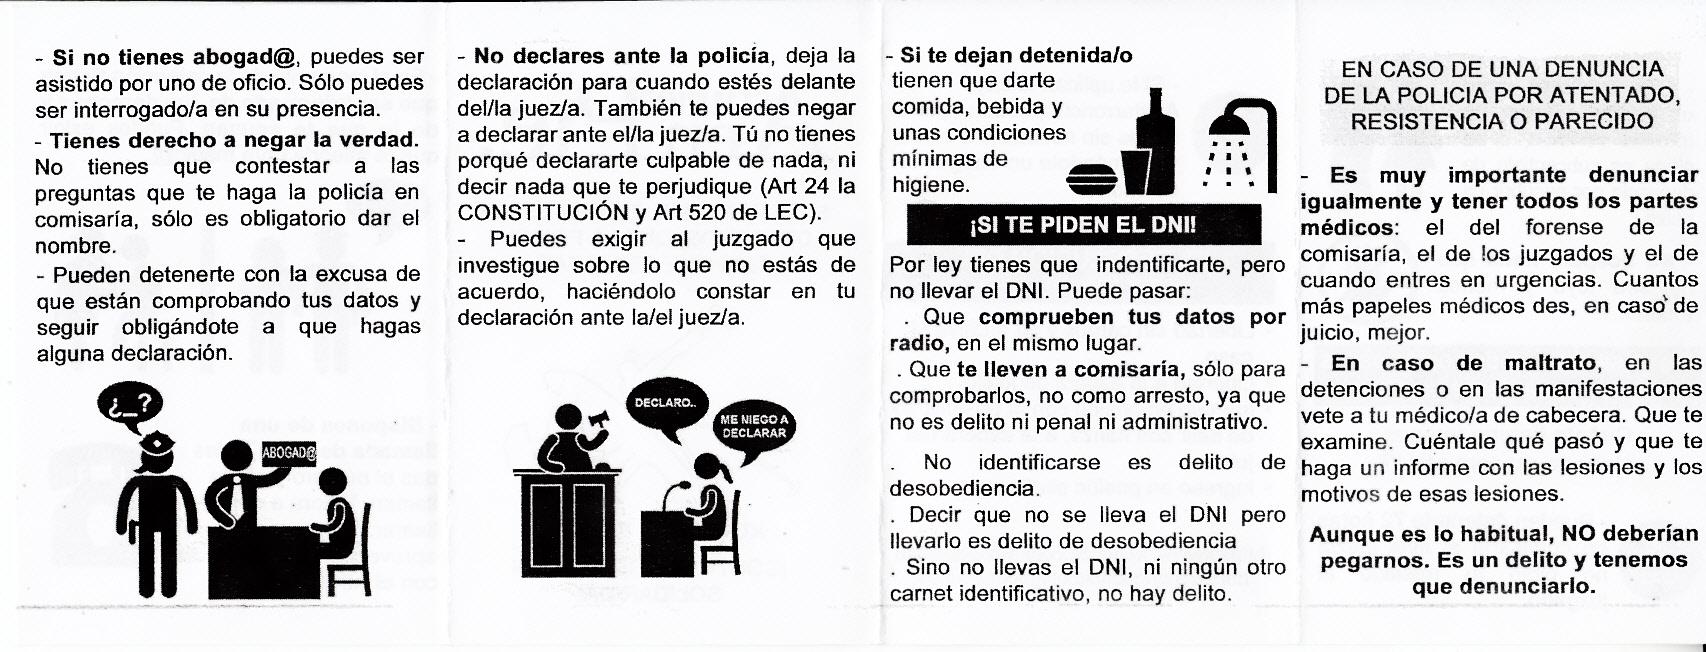 asturies_pie_autoc_0002